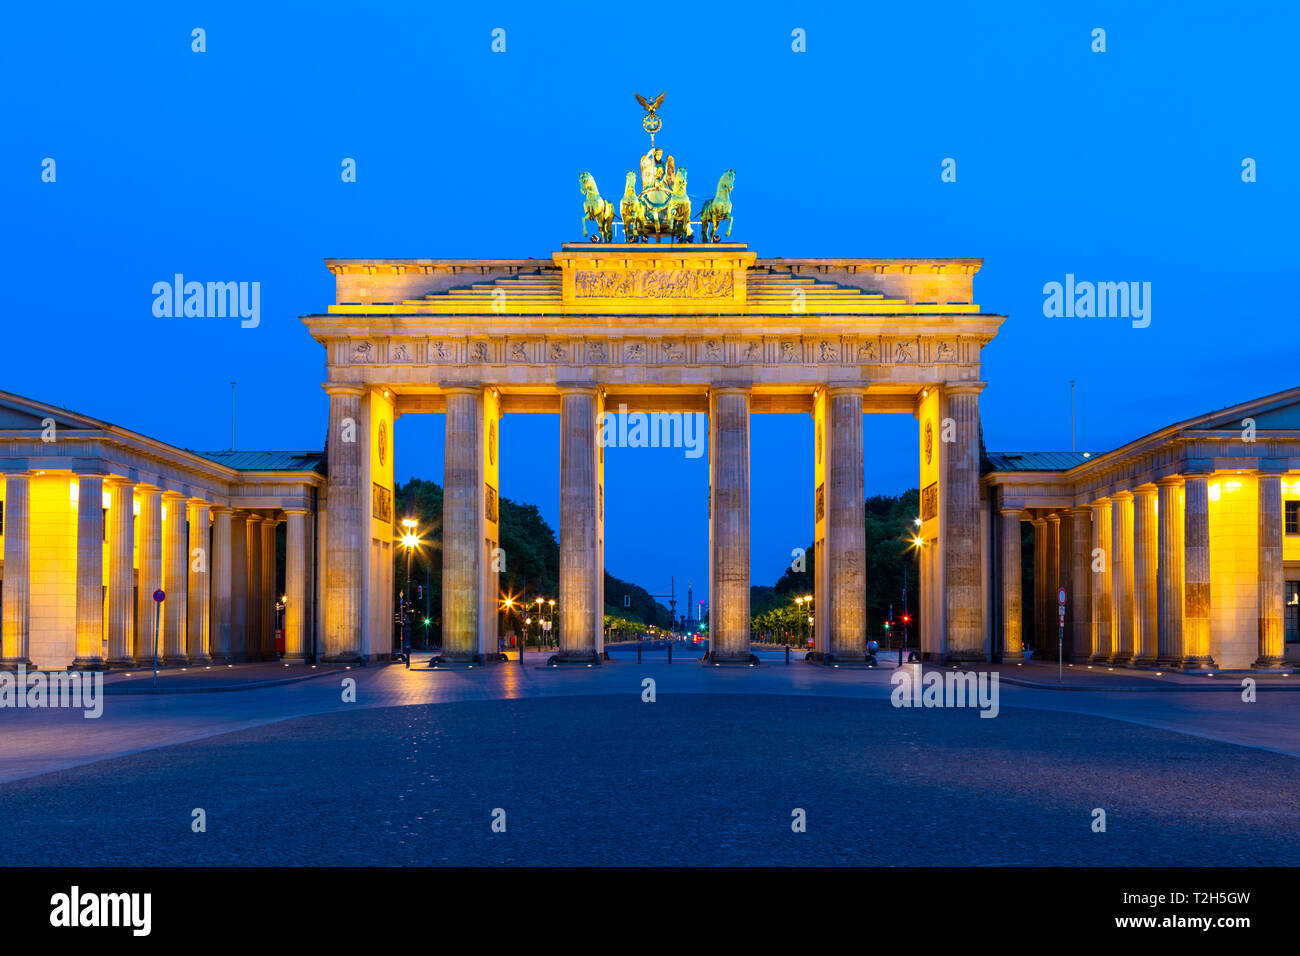 La Porta di Brandeburgo di notte a Berlino, Germania, Europa Foto Stock